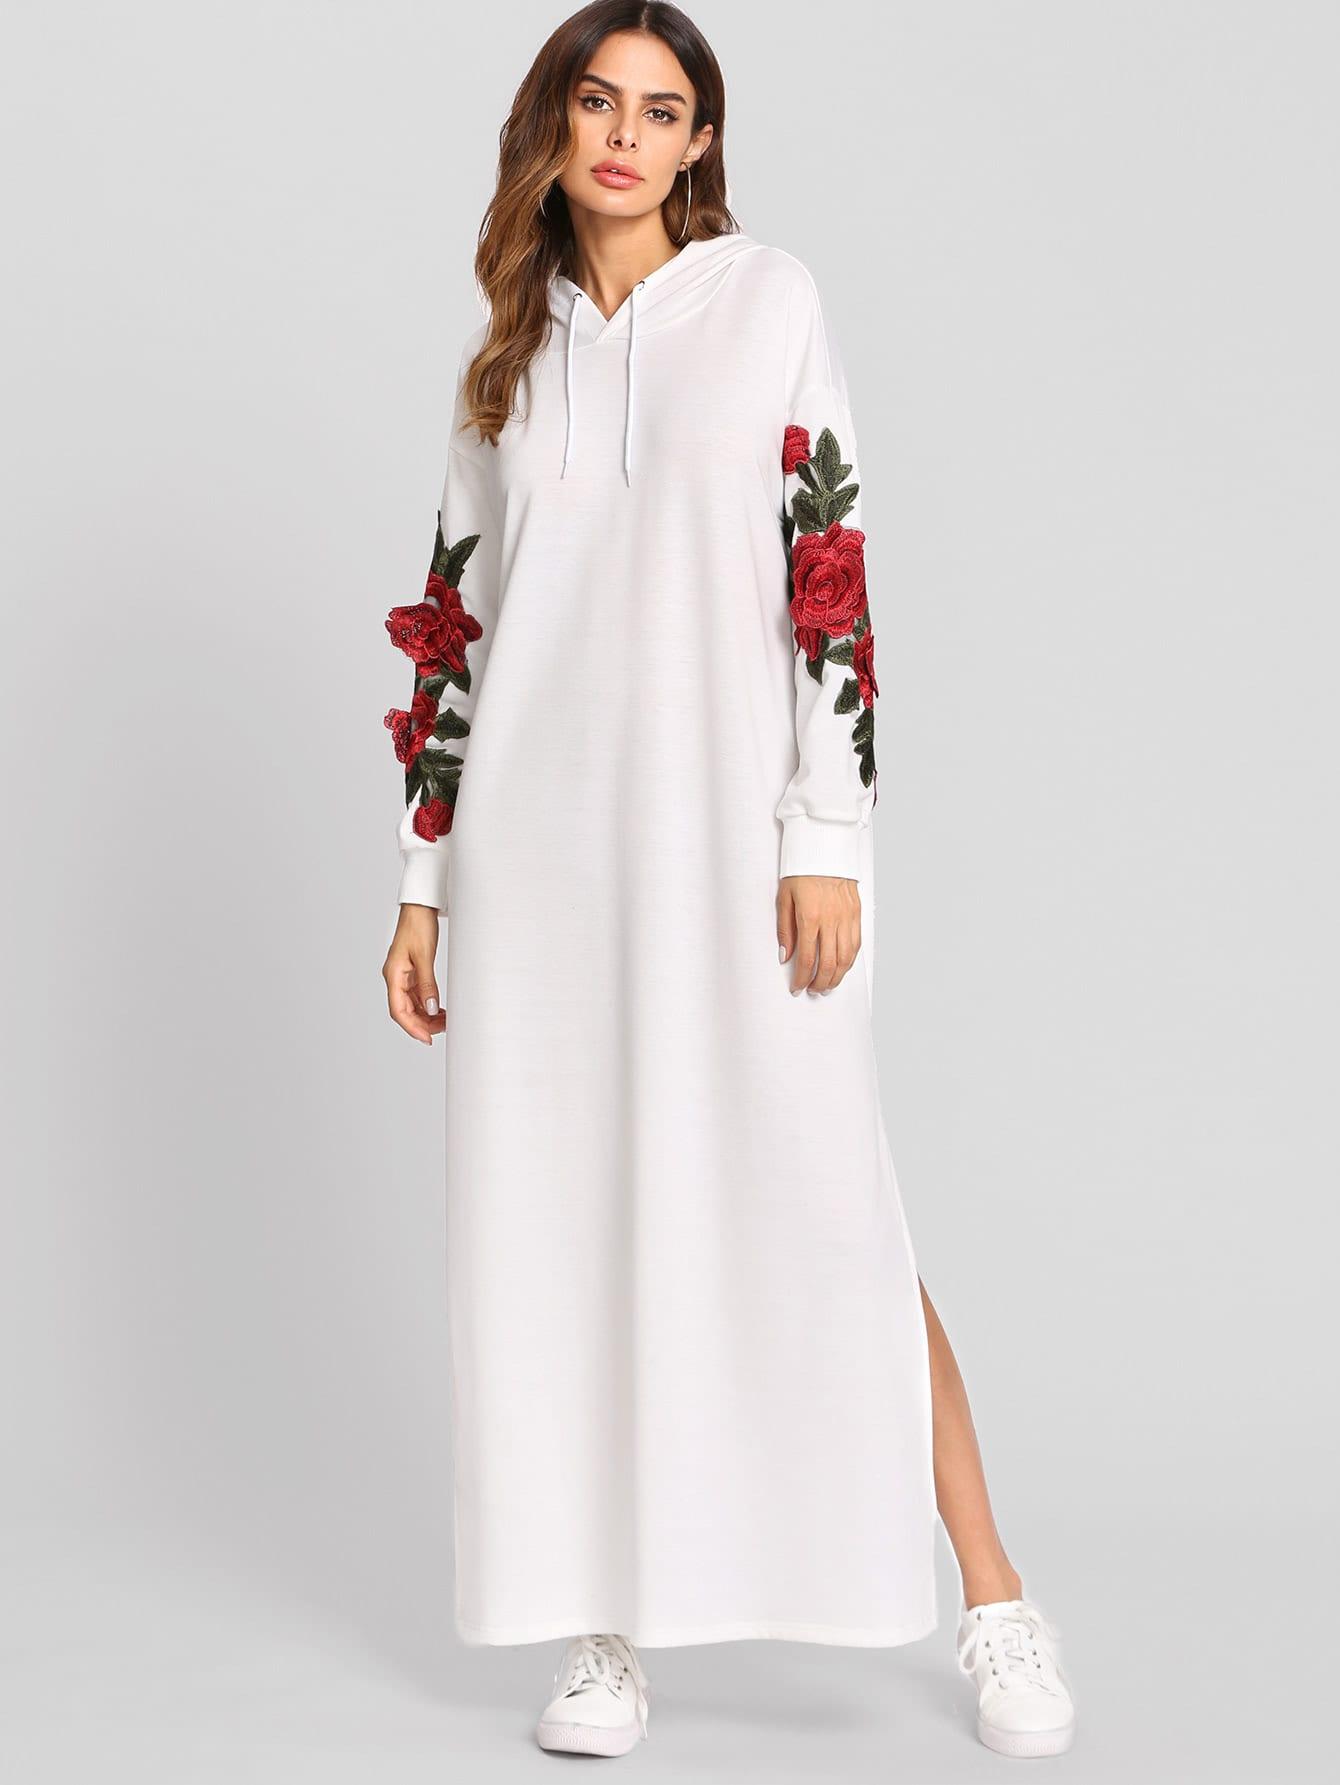 3D Embroidered Applique Slit Side Hoodie Dress